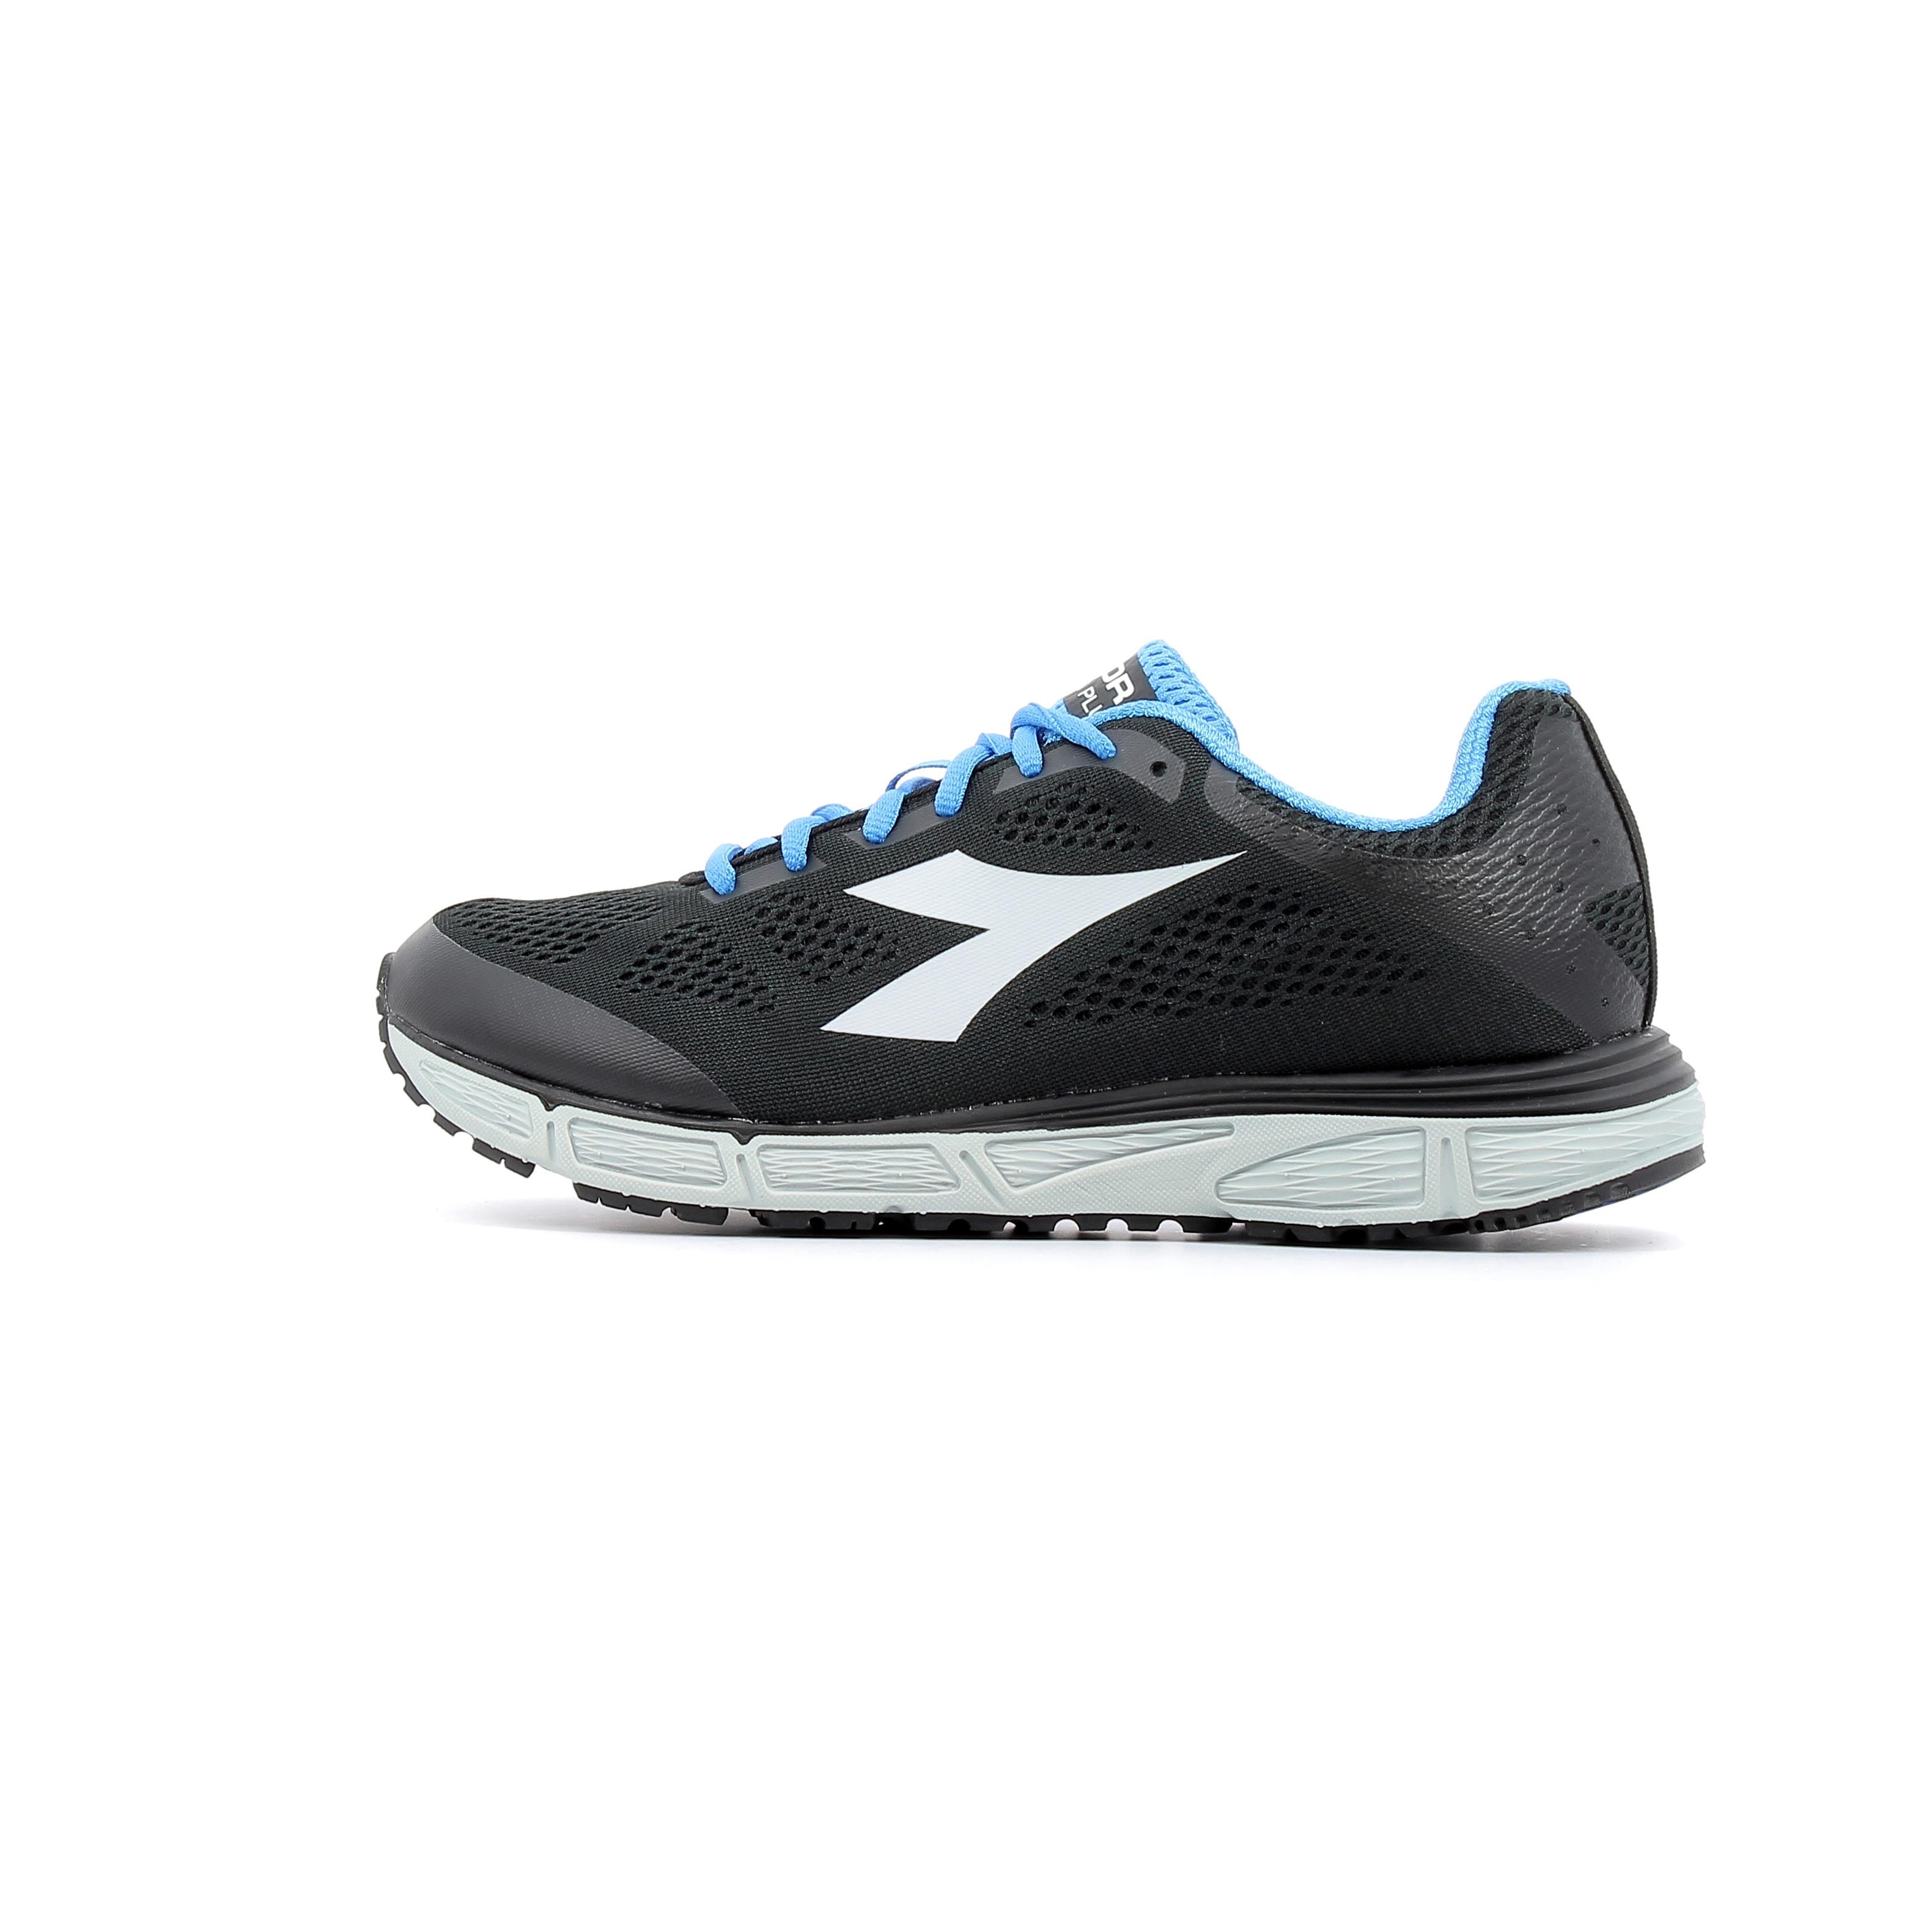 Plus Running Action Weih9d2 De Diadora Chaussures xBdCeWro